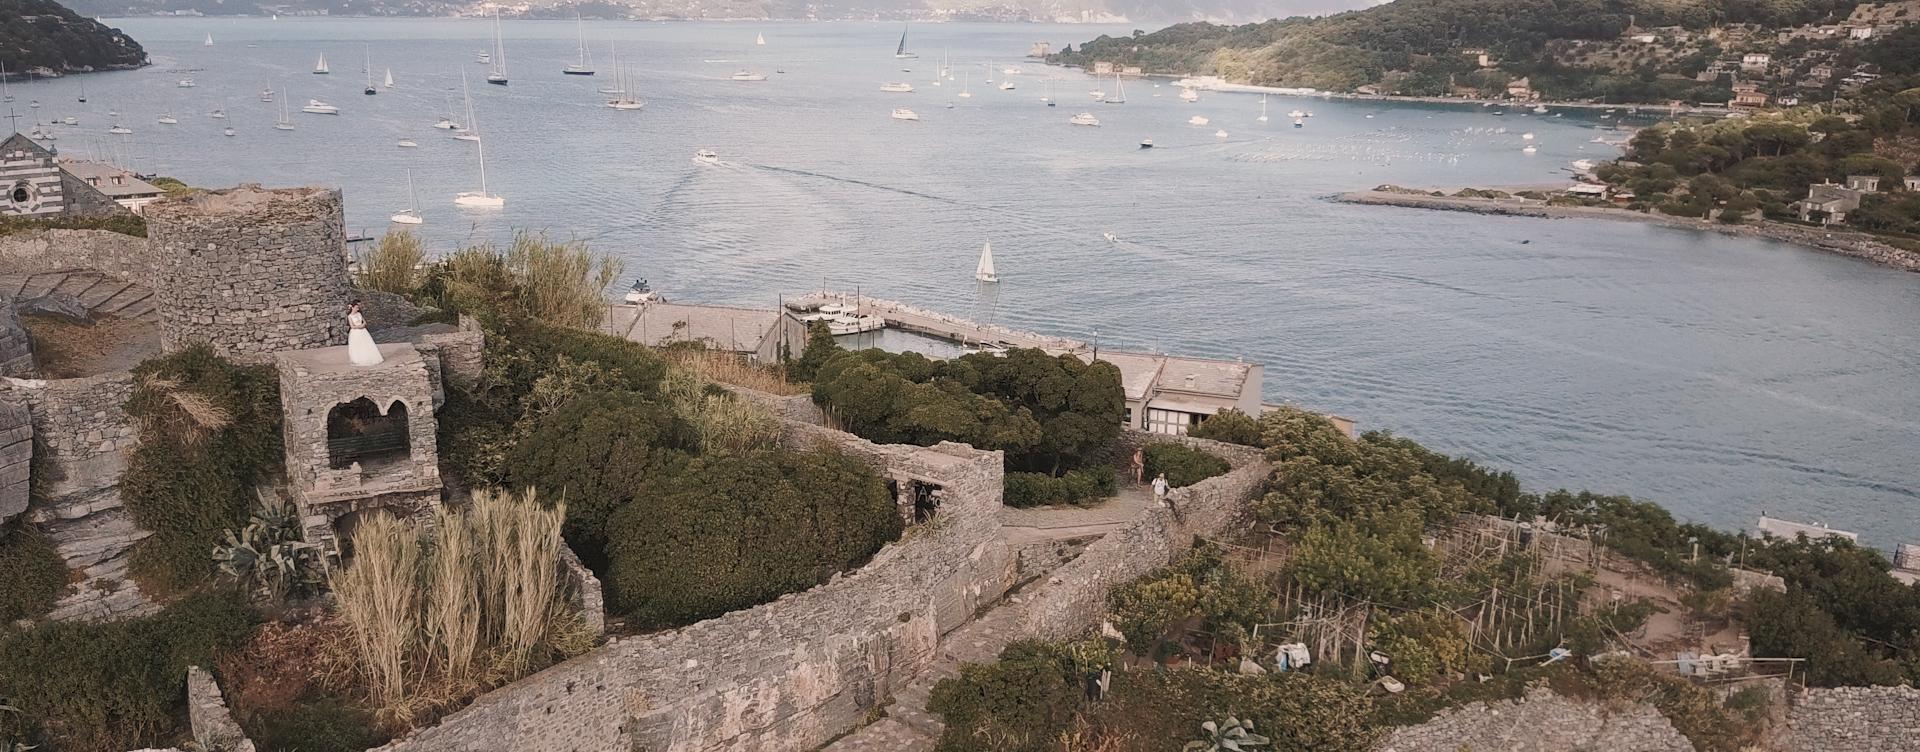 Matrimonio a Portovenere costiera ligure La Spezia Liliana e Andrea Highlights